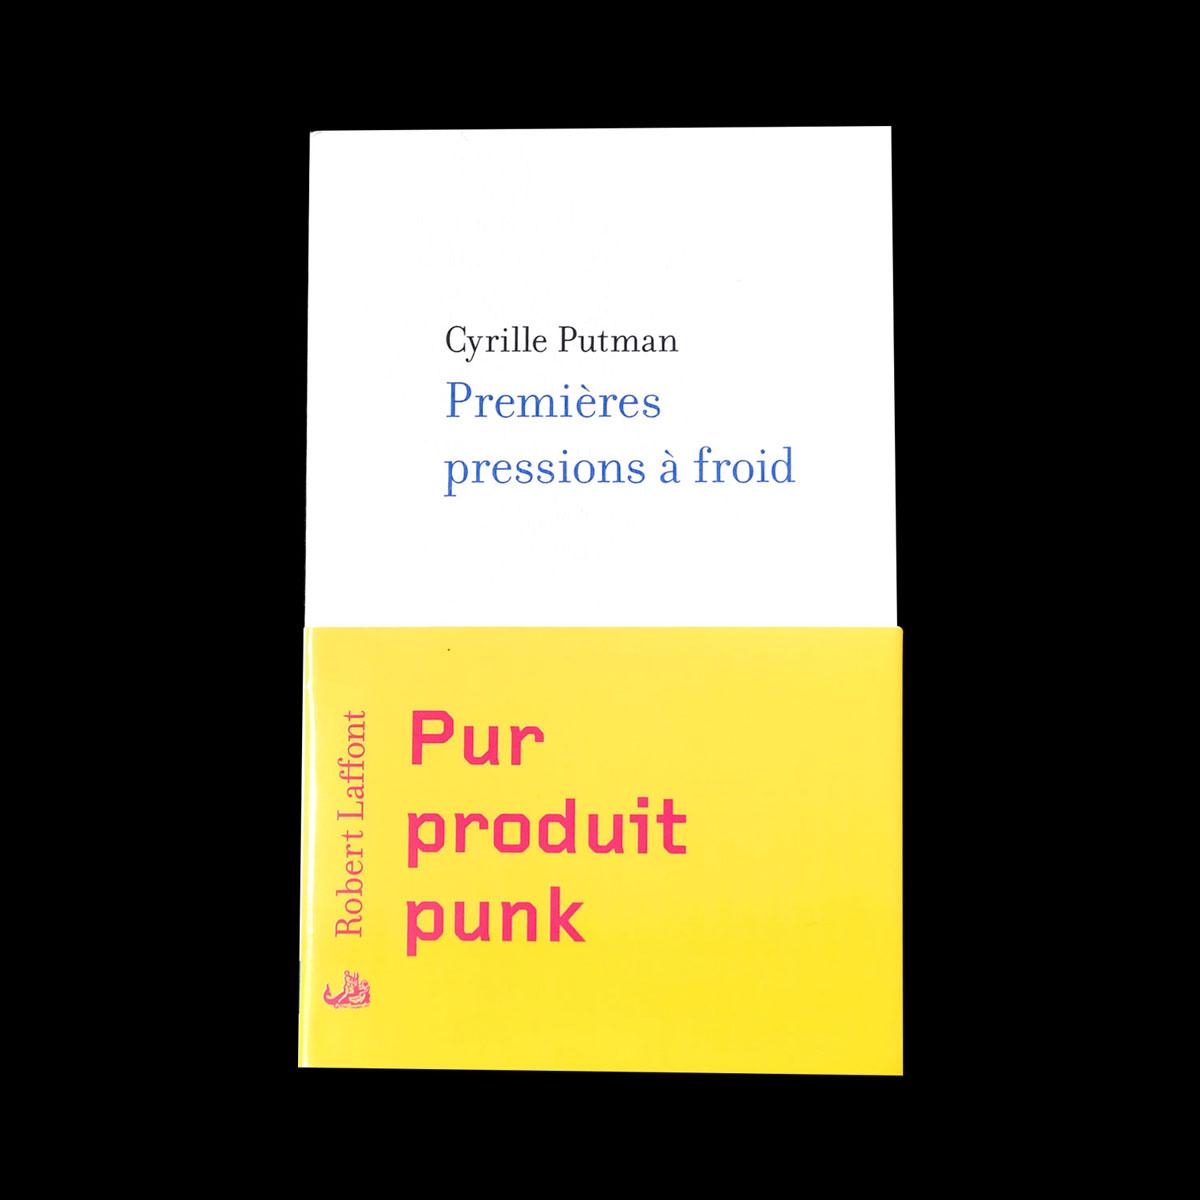 « Premières pressions à froid », 2004, Cyrille Putman, Éditions Robert Laffont.